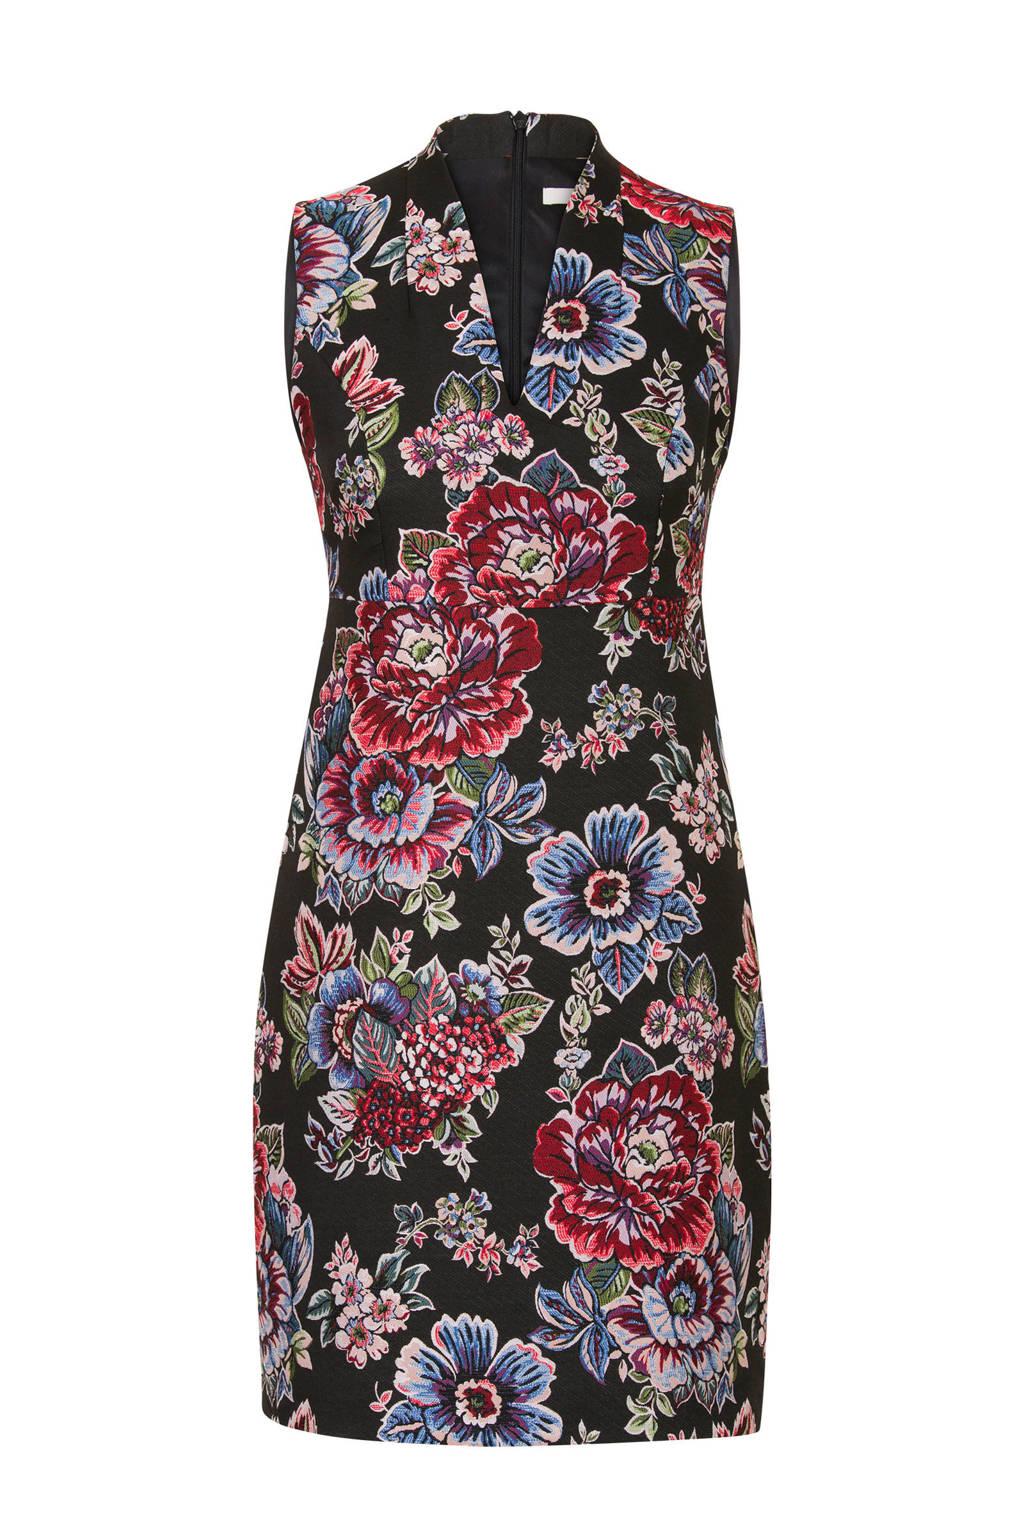 444a6219aa7 Steps jacquard jurk met bloemen zwart | wehkamp